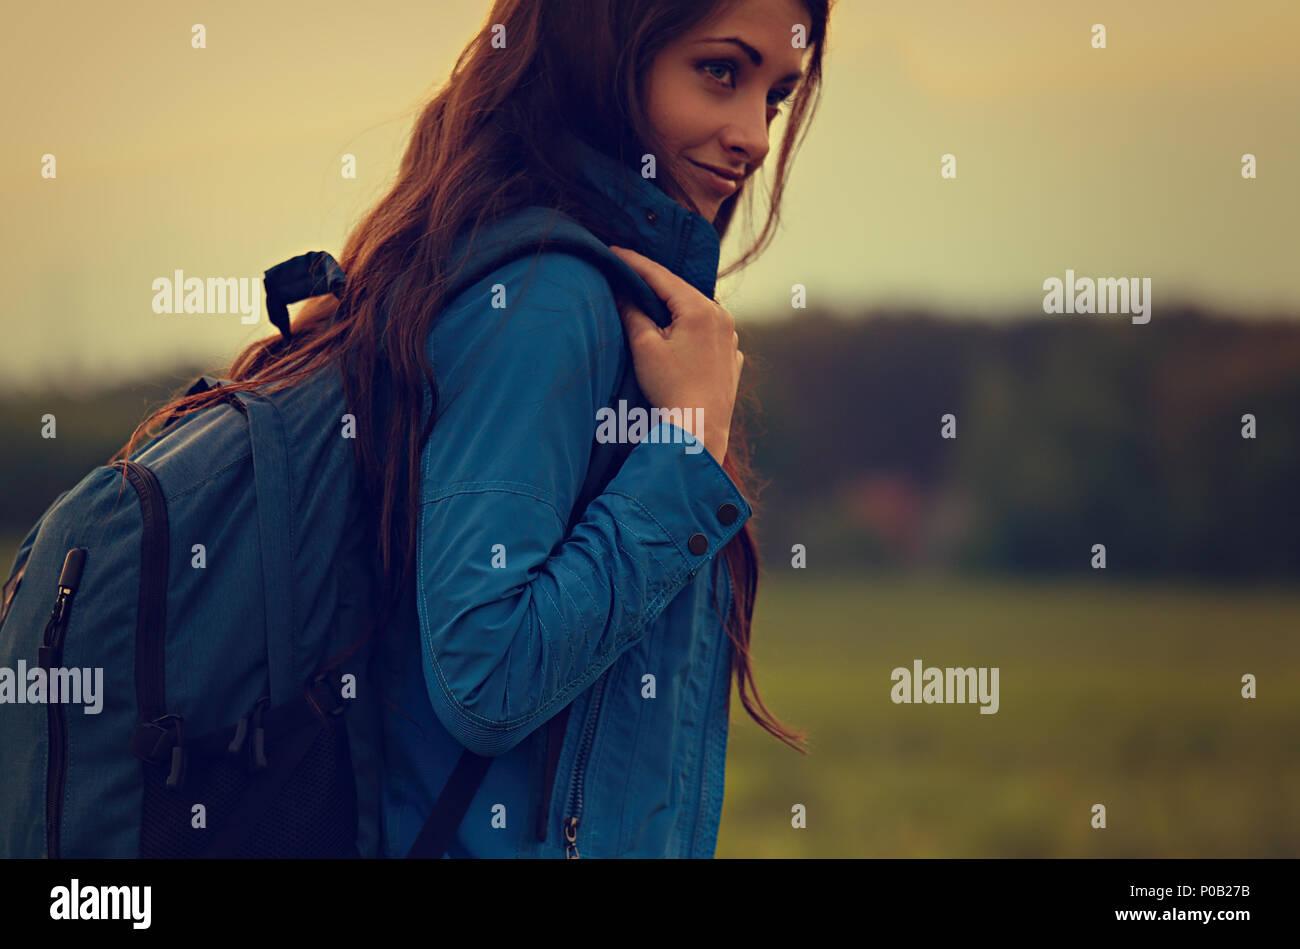 Felice backpacking avventurosa donna hanno il viaggio di campeggio con blue enorme musetta sulla natura estate sfondo. Tonica closeup ritratto Immagini Stock